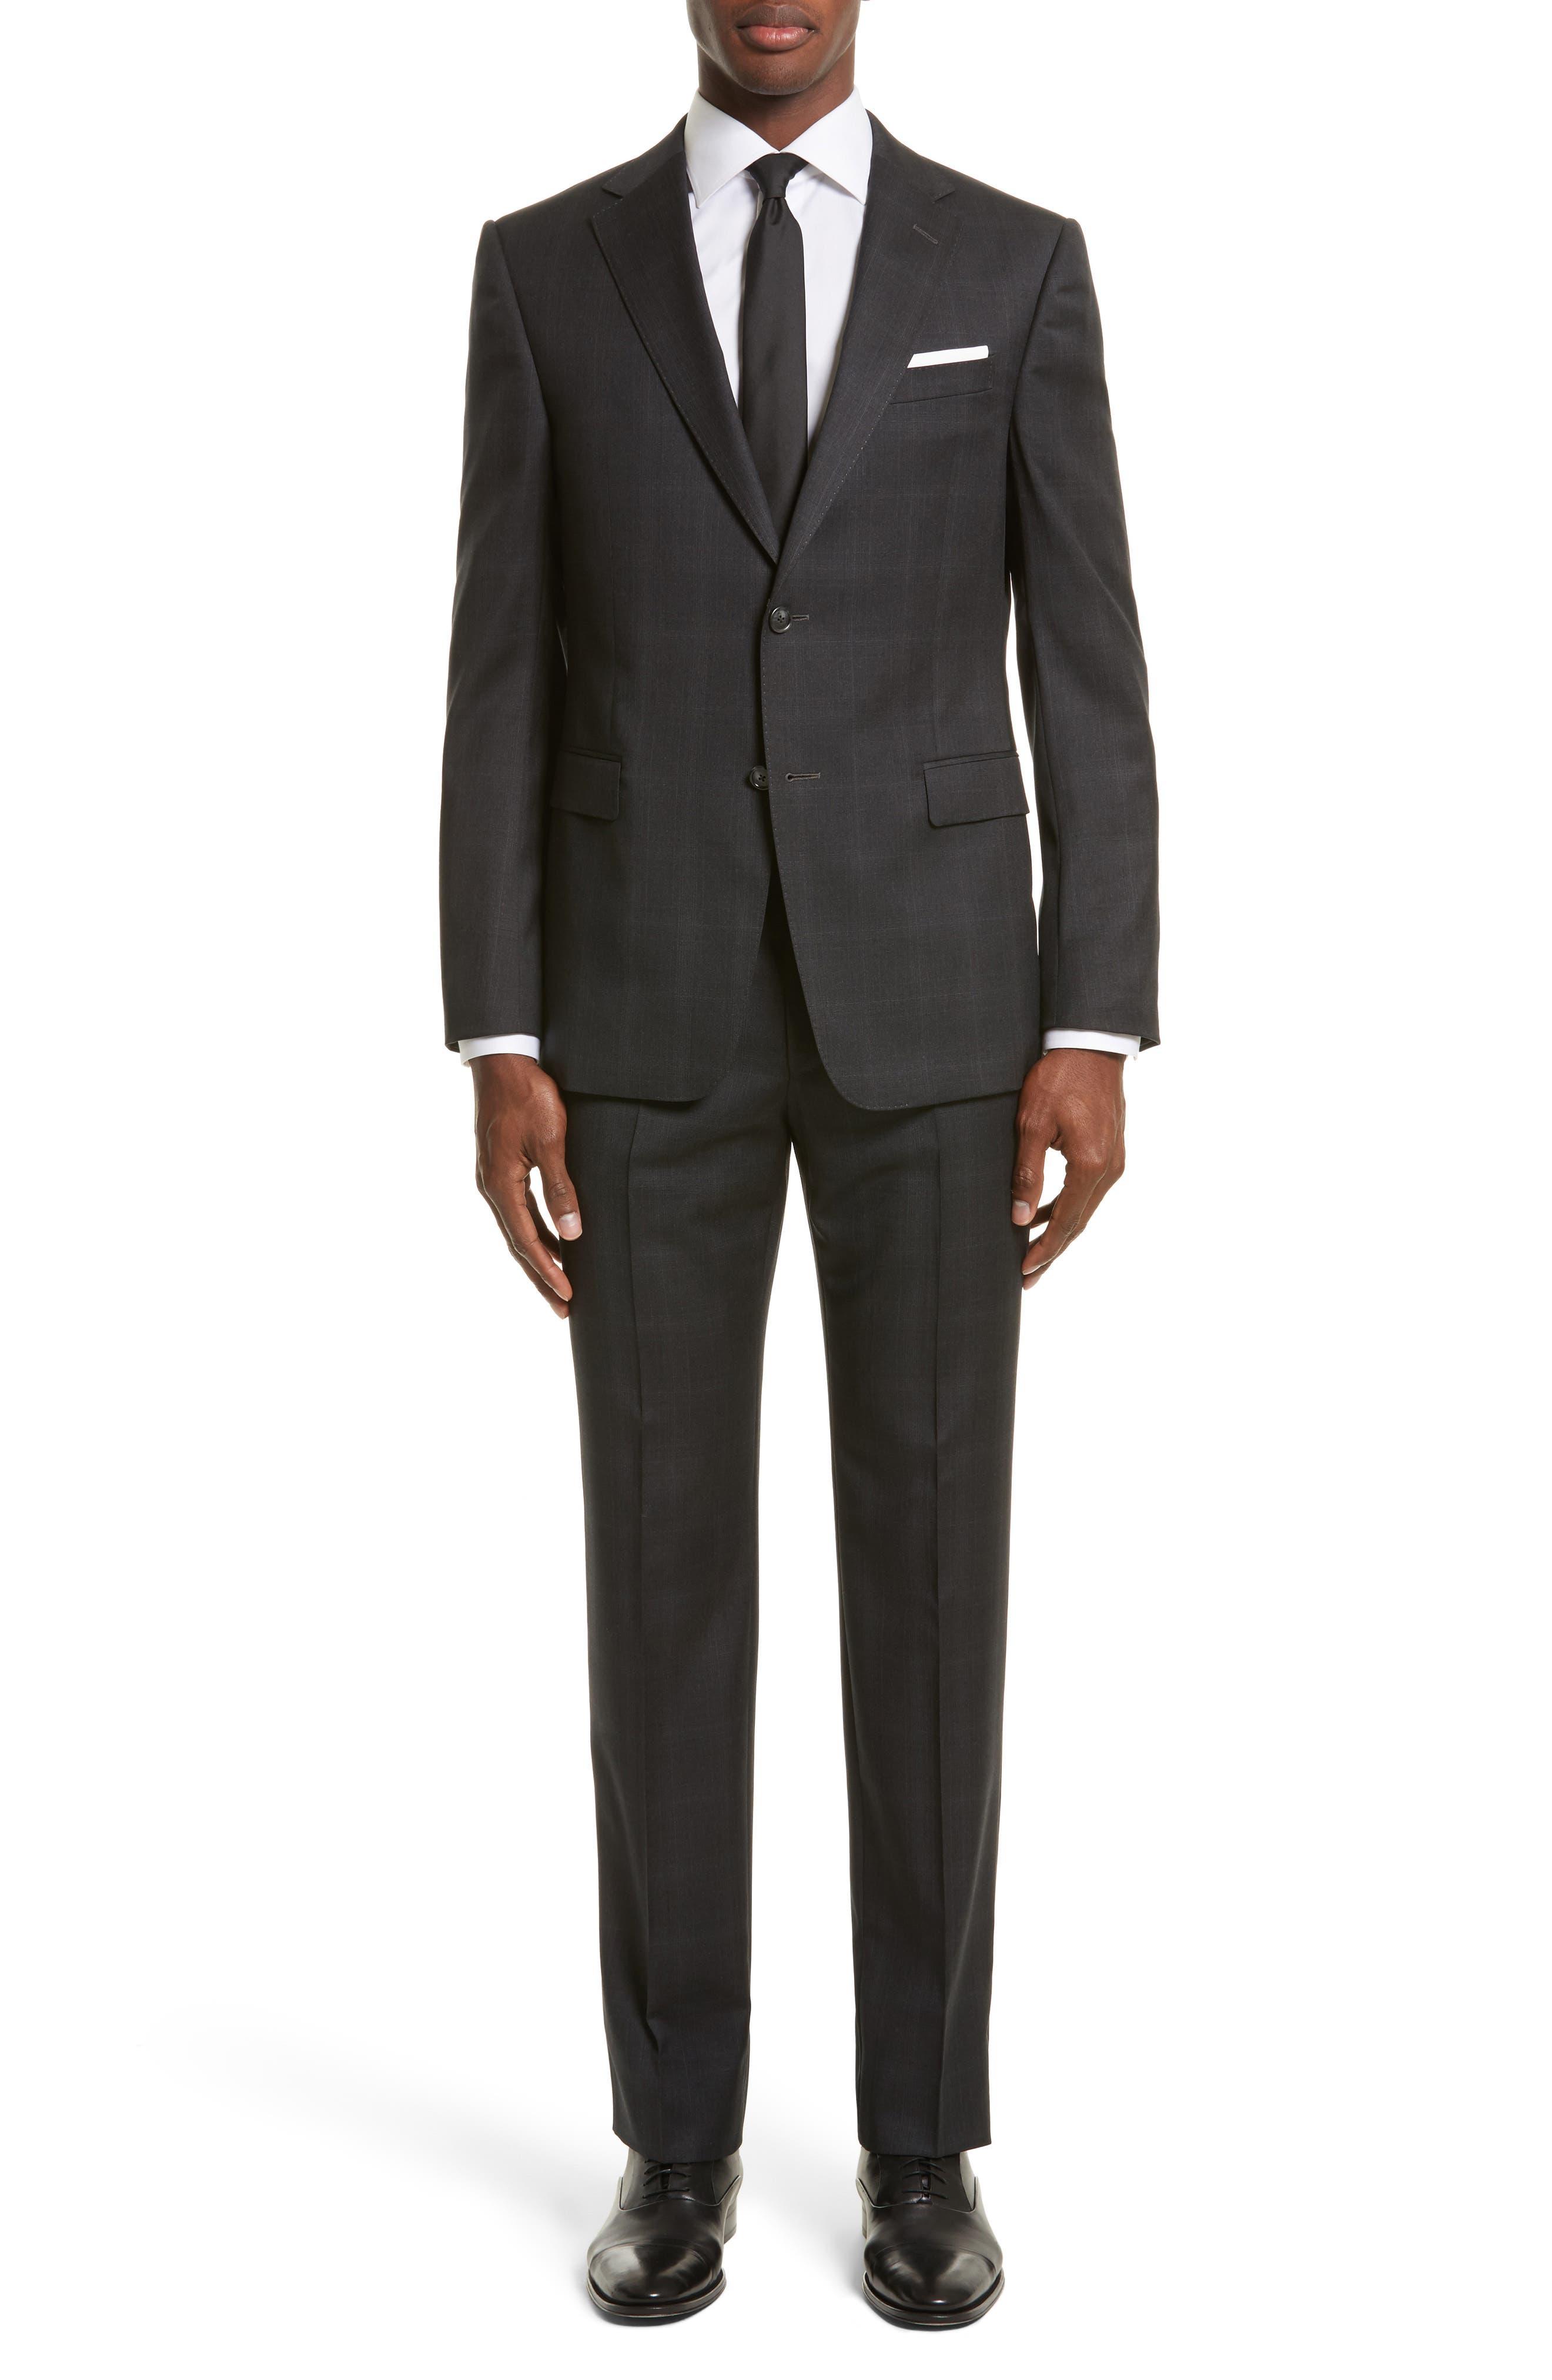 Alternate Image 1 Selected - Z Zegna Drop 7 Trim Fit Plaid Wool Suit